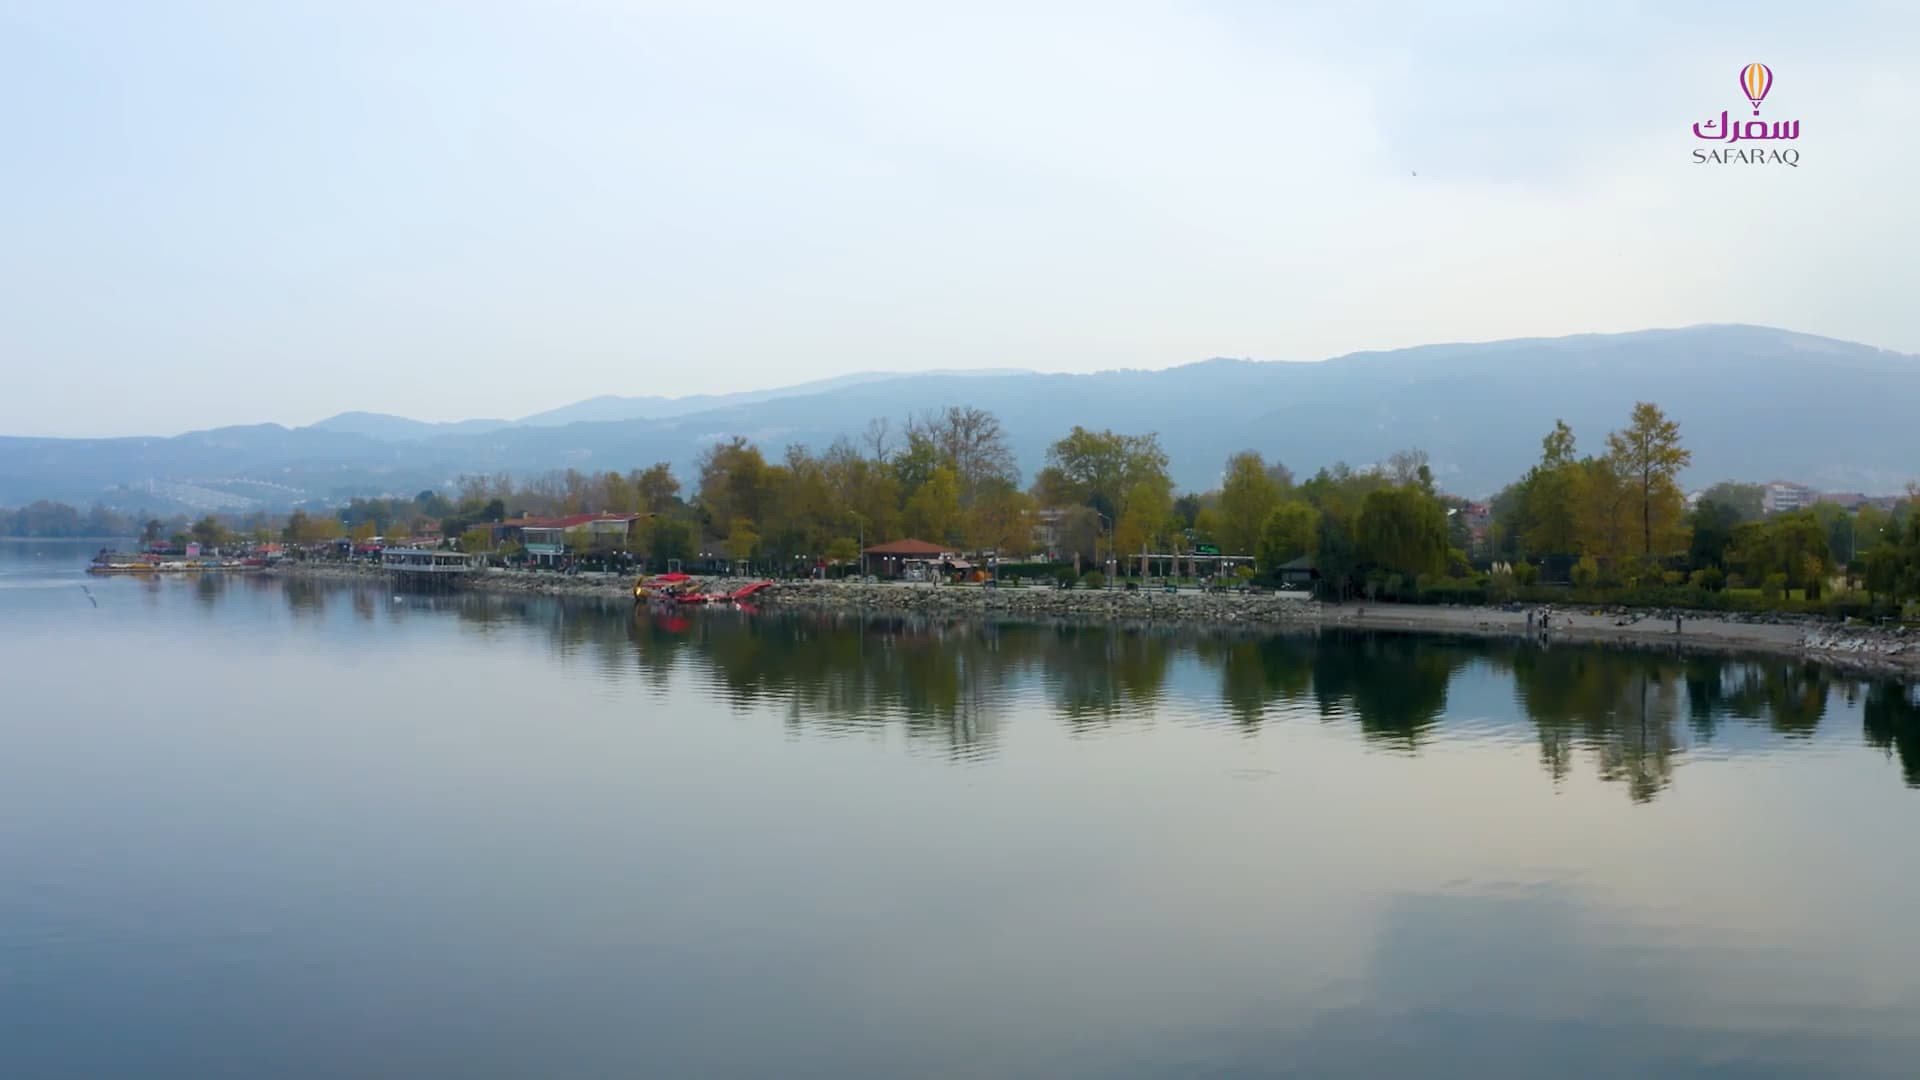 رحلة بحيرة صبنجة